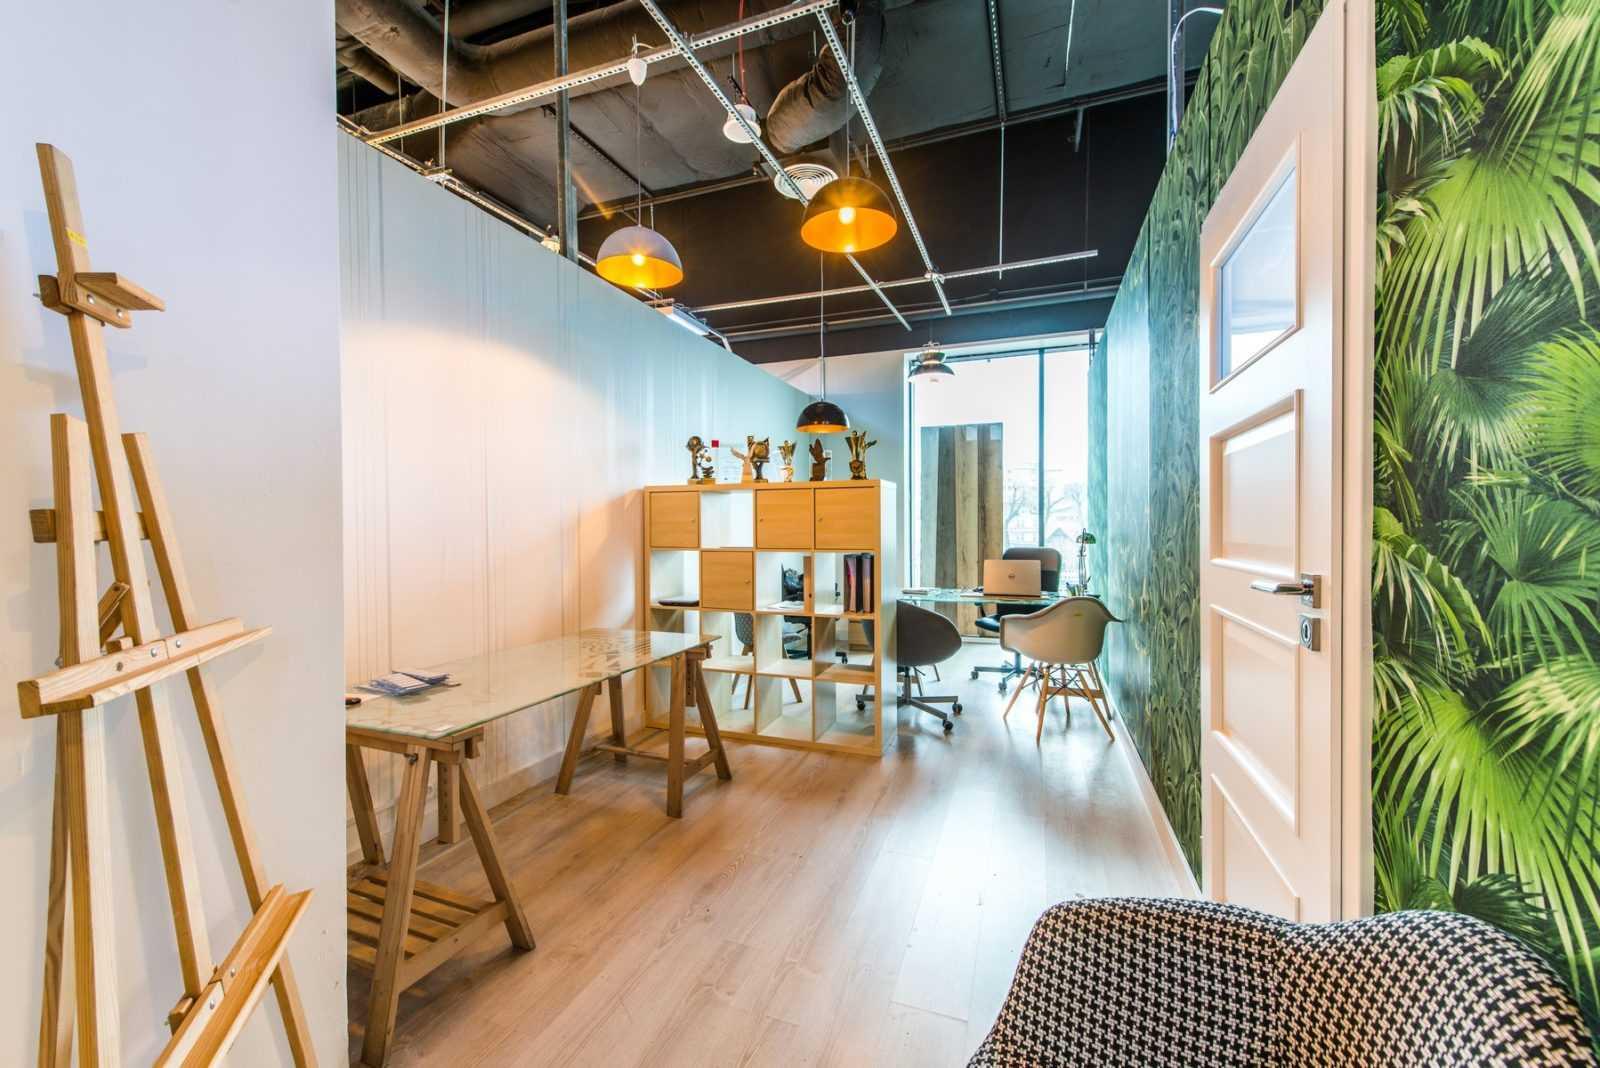 dekorshop showroom sklep z wyposazeniem wnetrz gdansk gdynia trojmiasto (30)